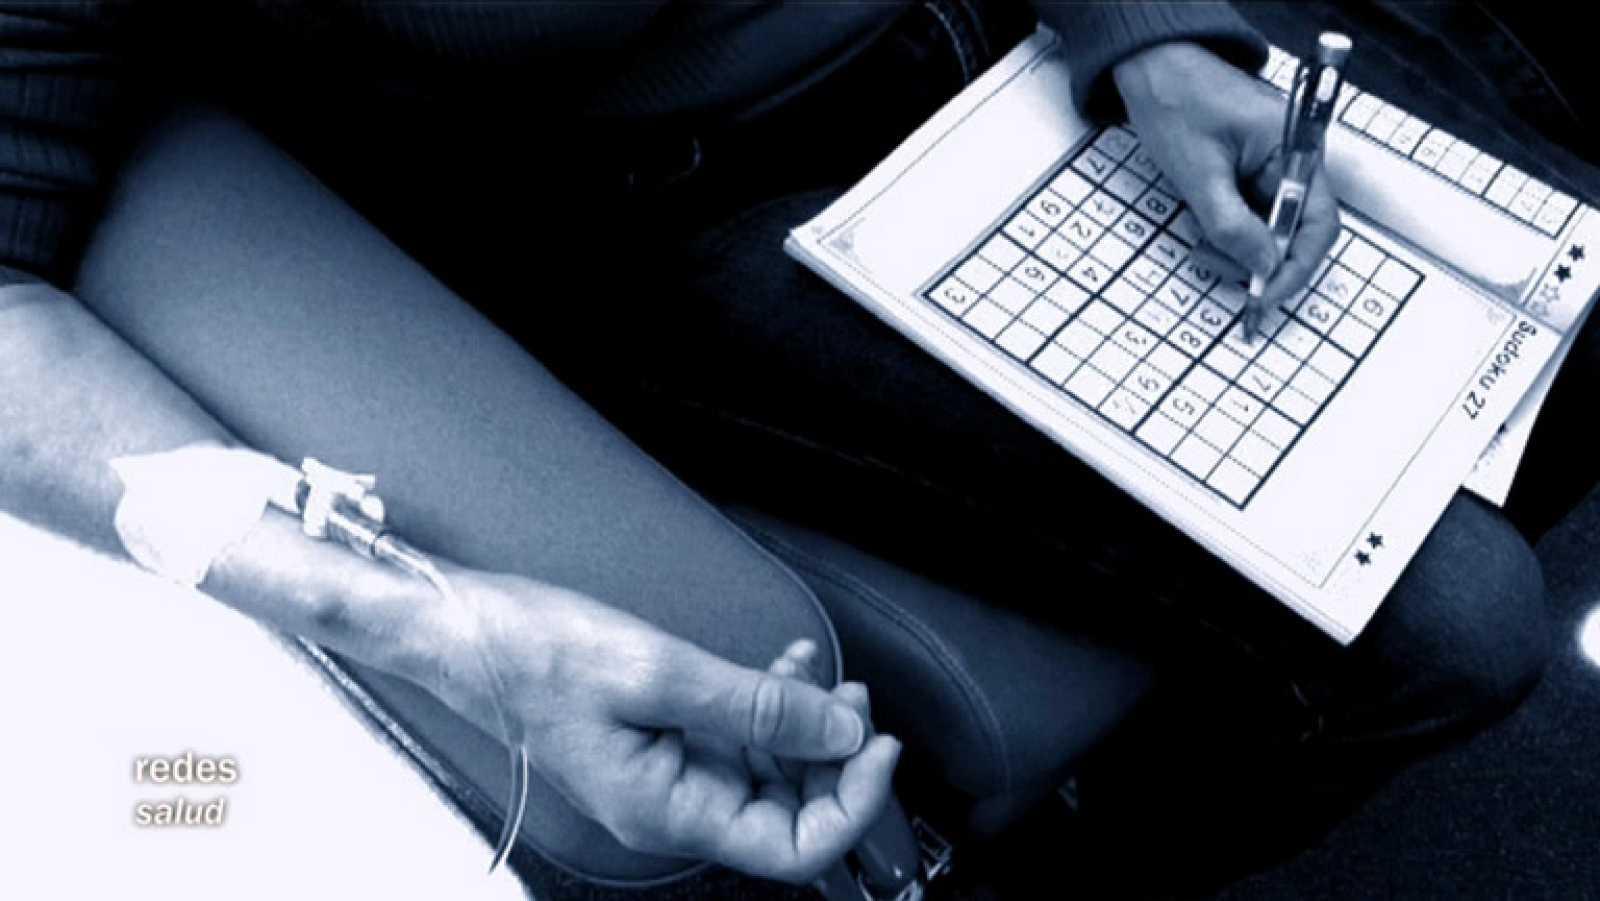 Redes - Cáncer: impedirlo y curarlo - Ver ahora